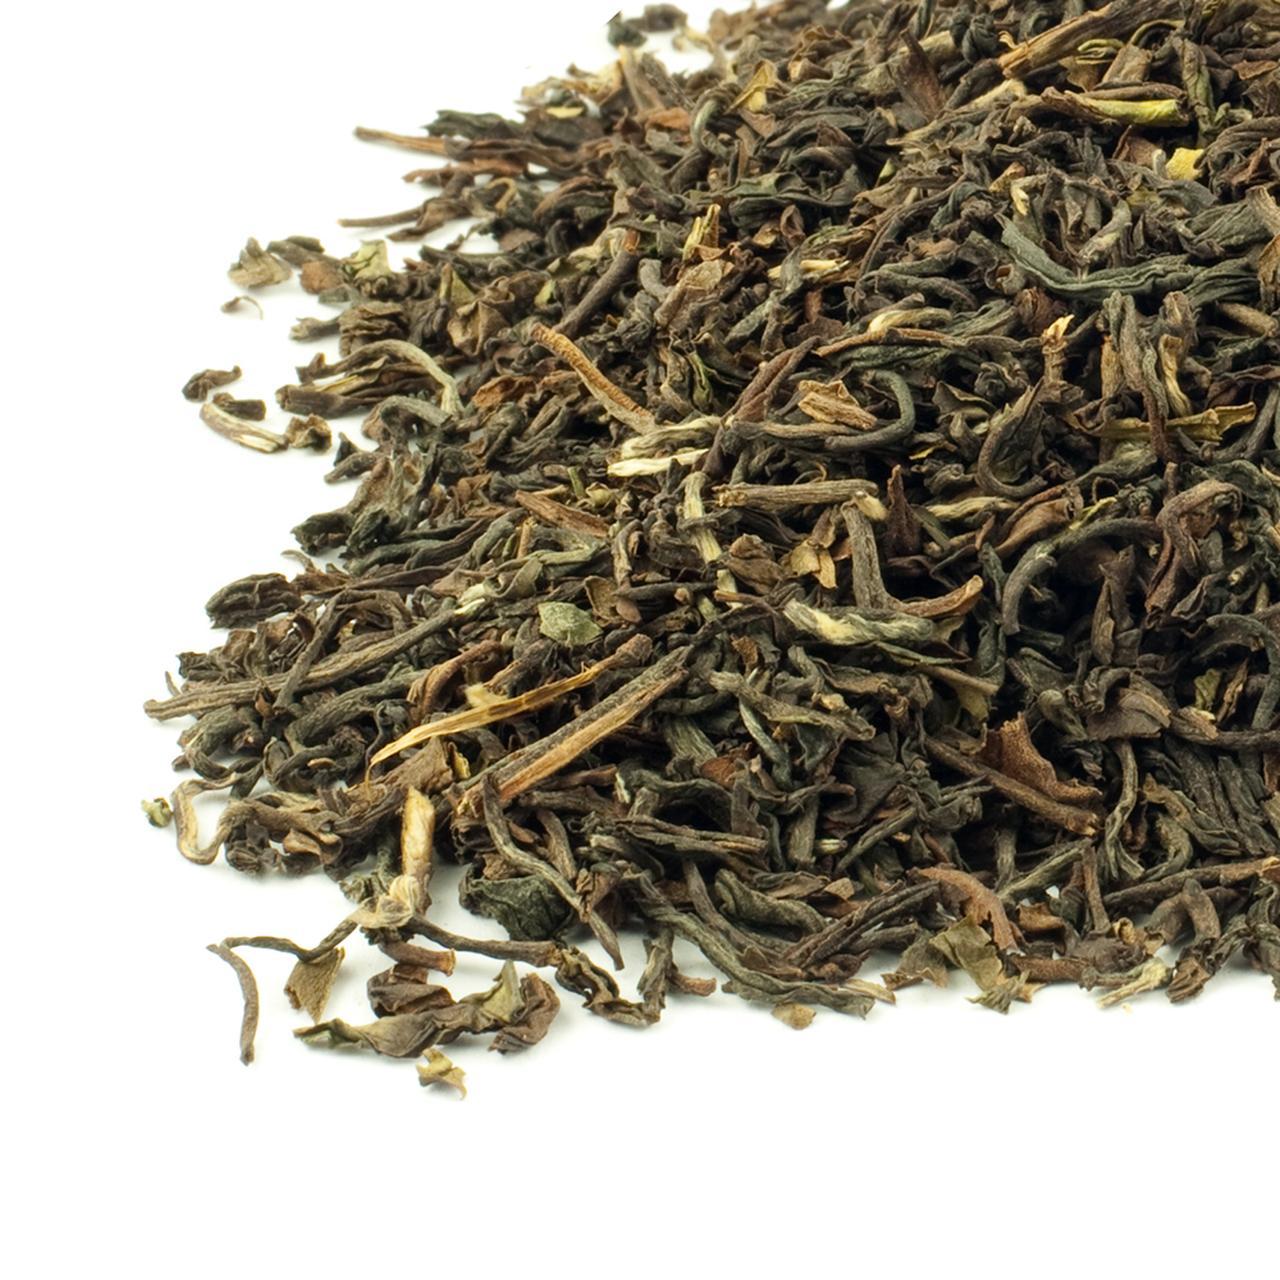 Loose Leaf Tea - Darjeeling Tea